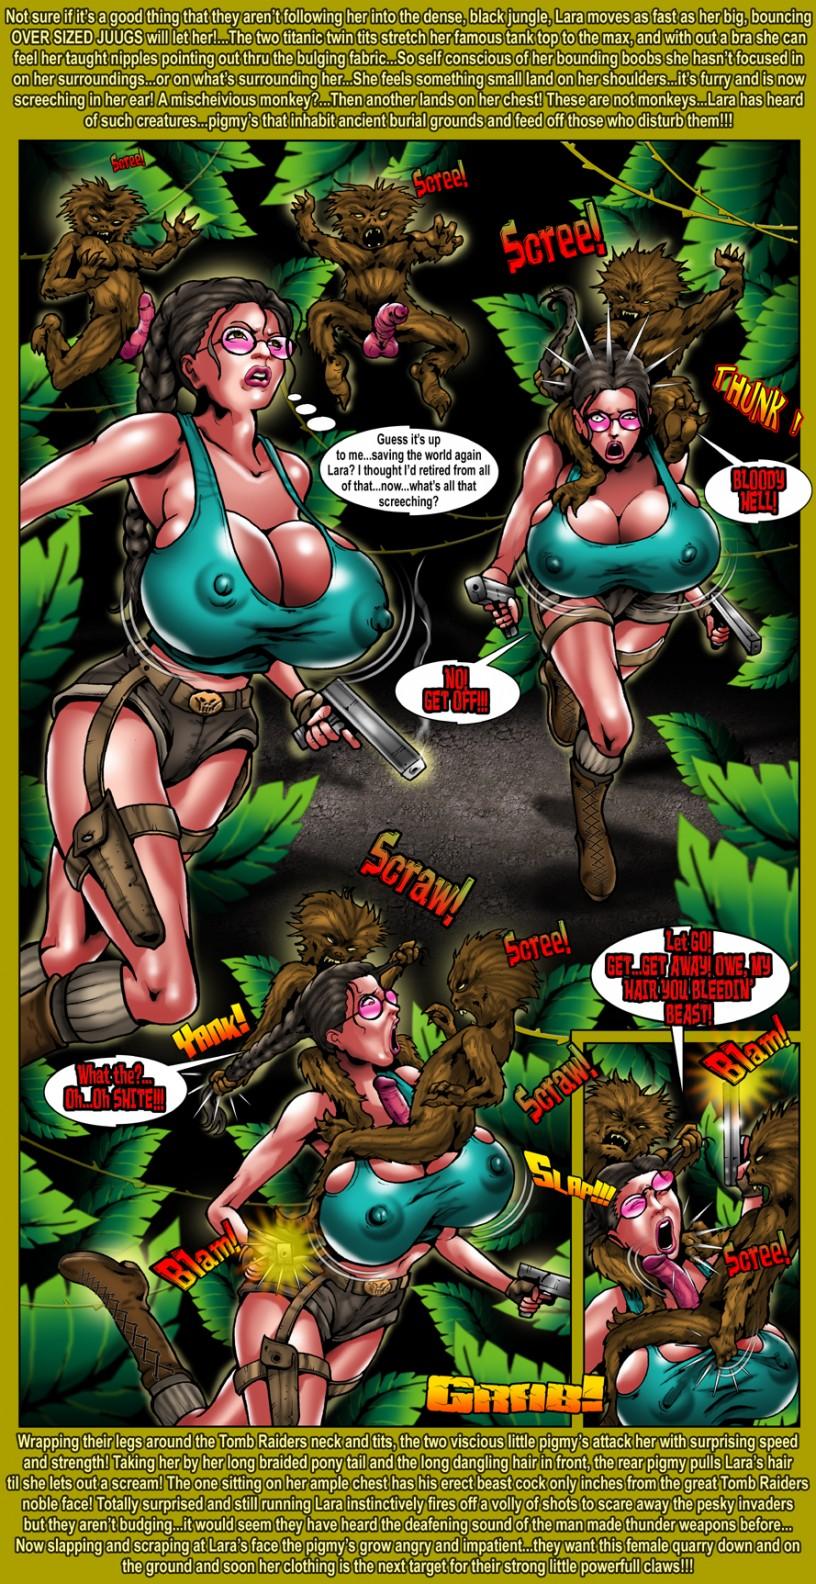 Narod tomb raider porn sluts hardcore picture